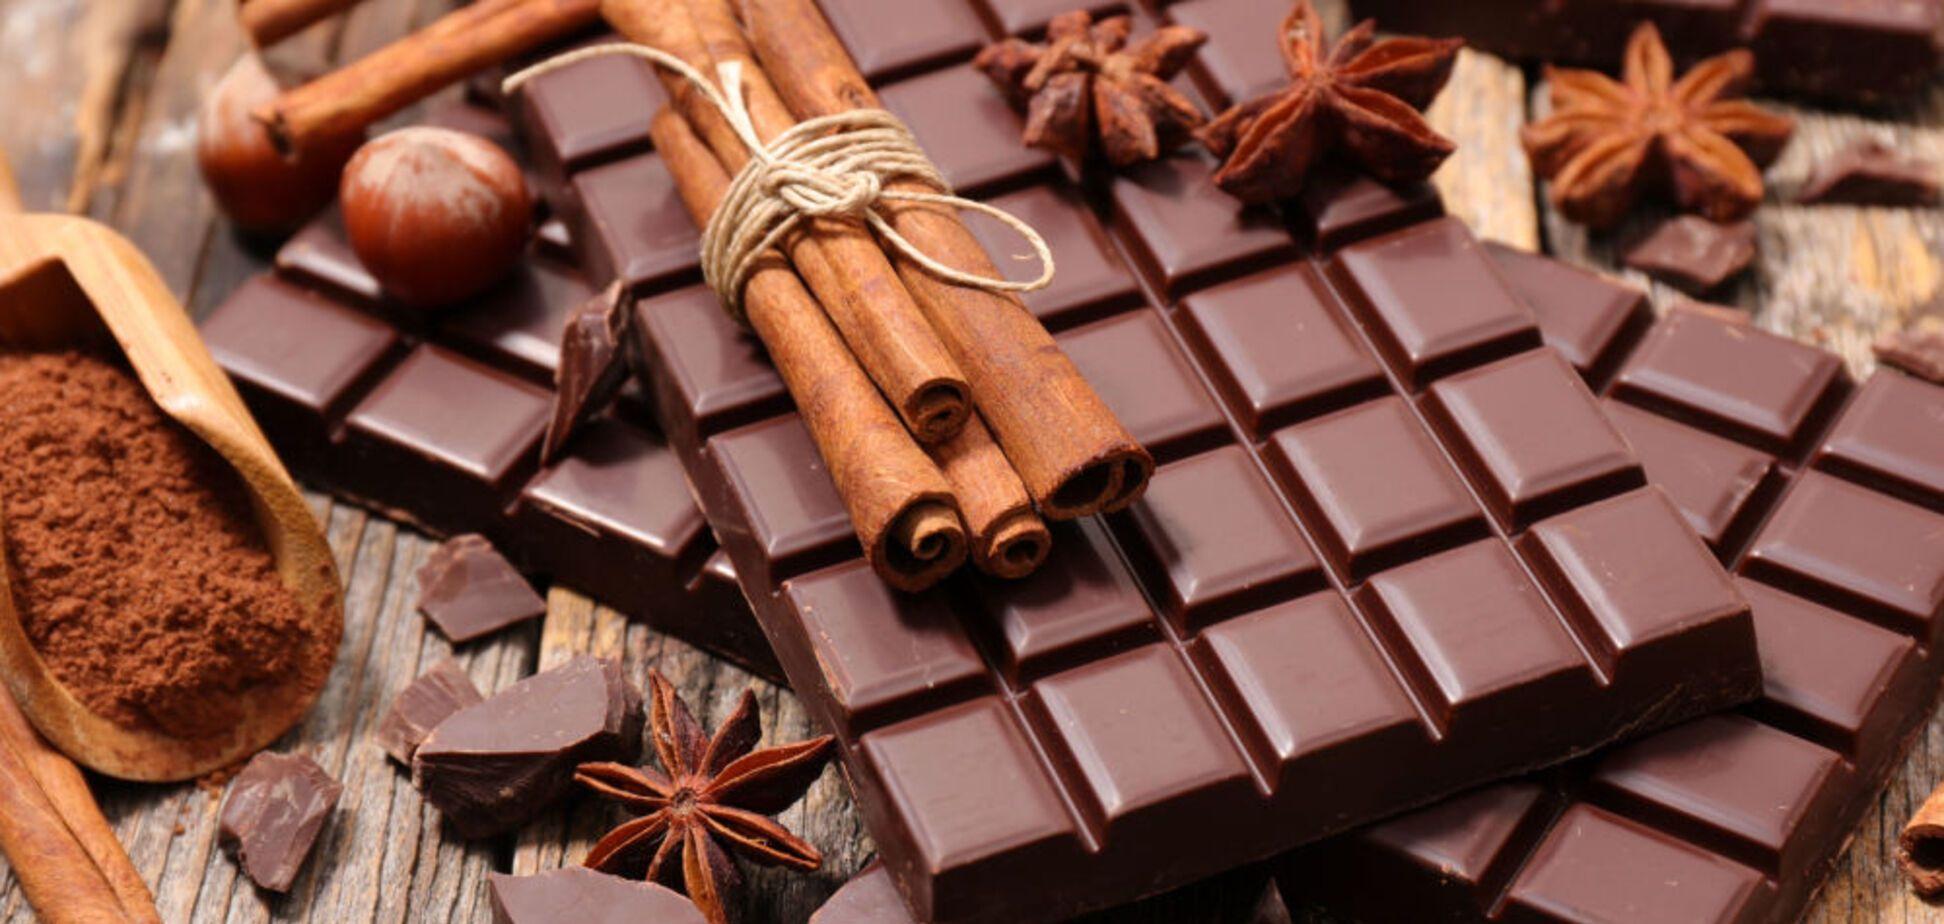 Ученые рекомендуют есть горький шоколад